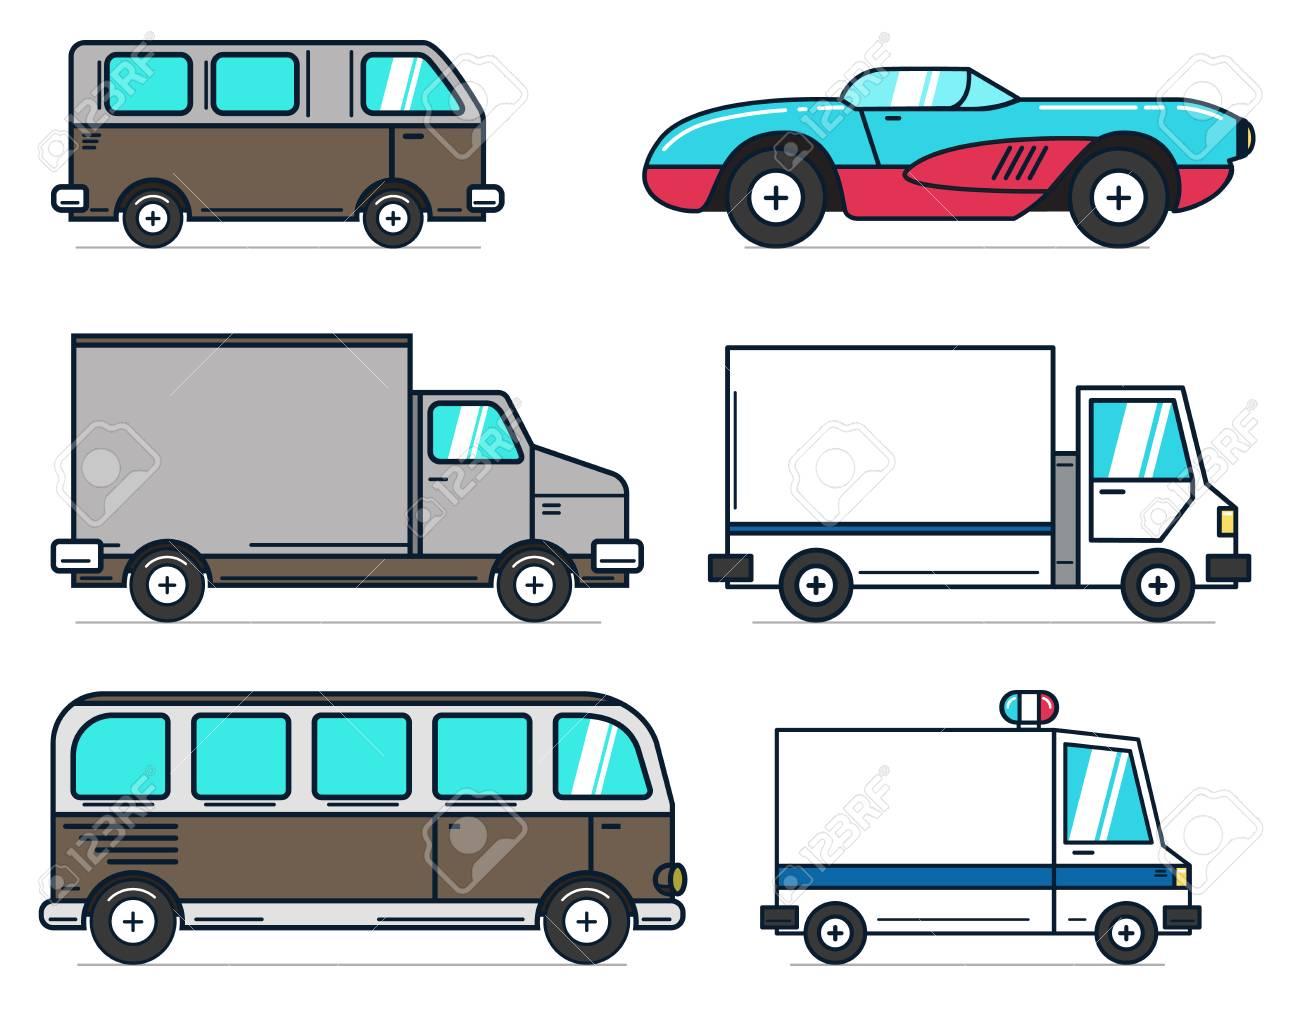 Ensemble D Illustrations De Bus Et Camion De Voiture De Dessin Animé Sur Fond Blanc Idéal Pour L Animation La Motion Design L Infographie élément